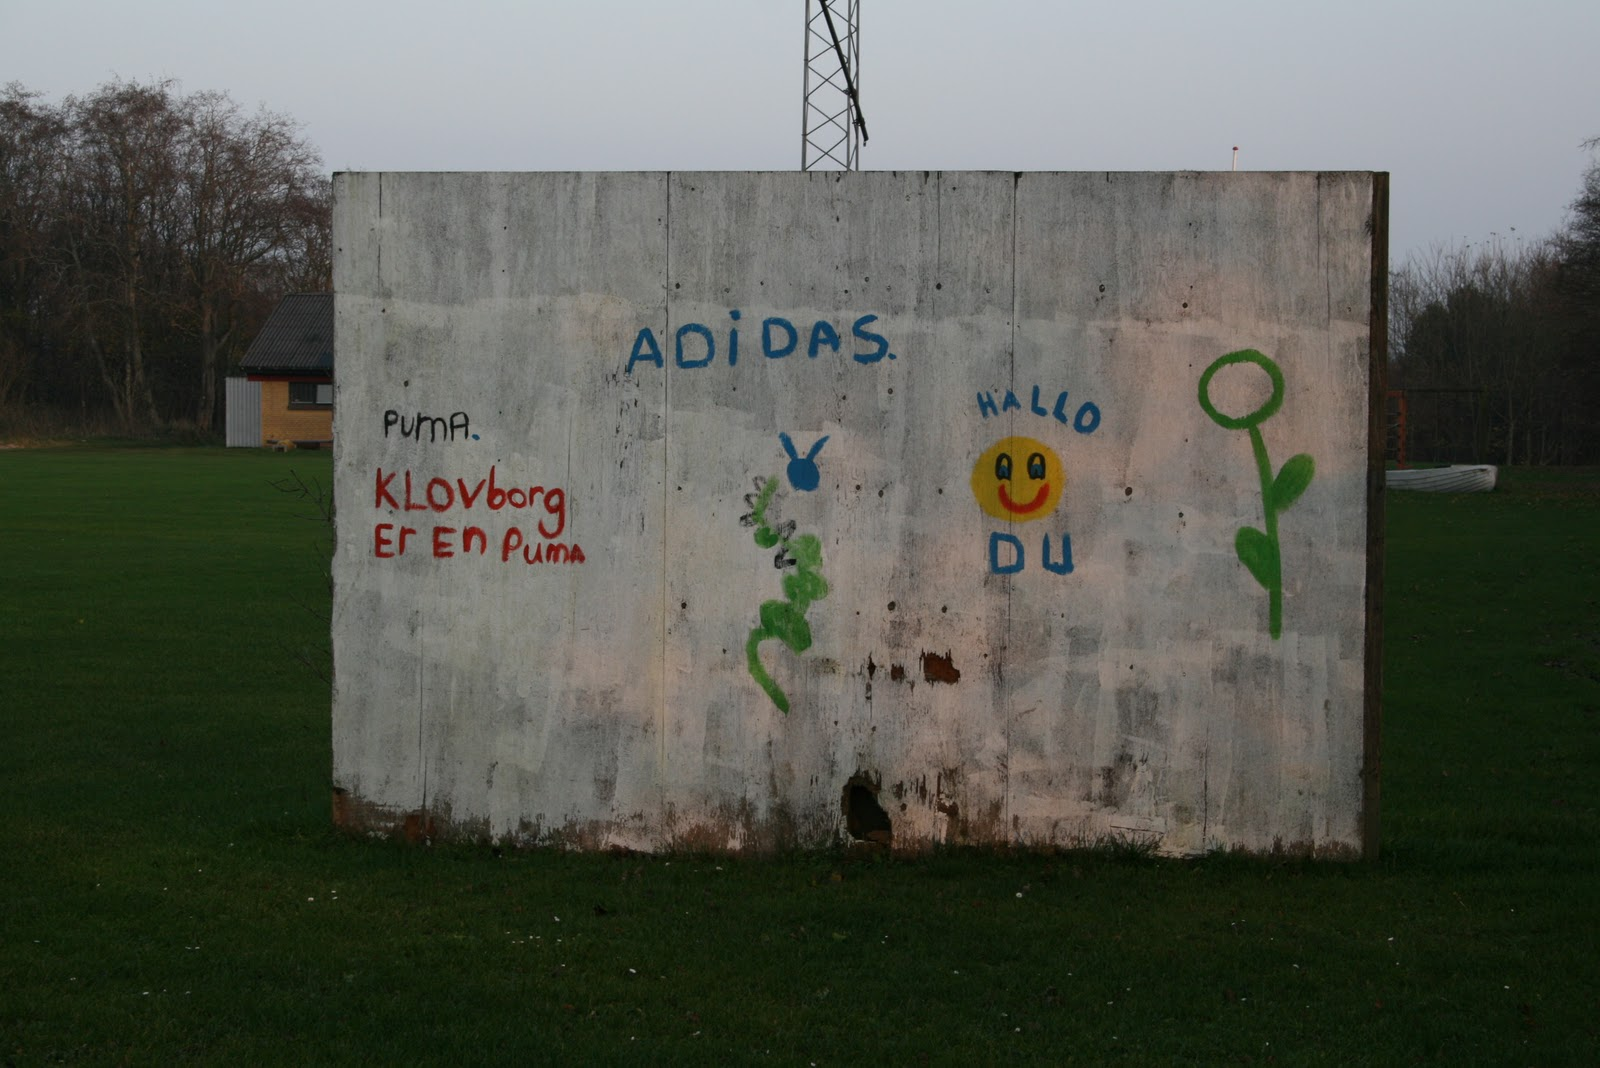 Klovborg: Andre evhverv og aktiviteter i Klovborg - sådan ser byen også ud.